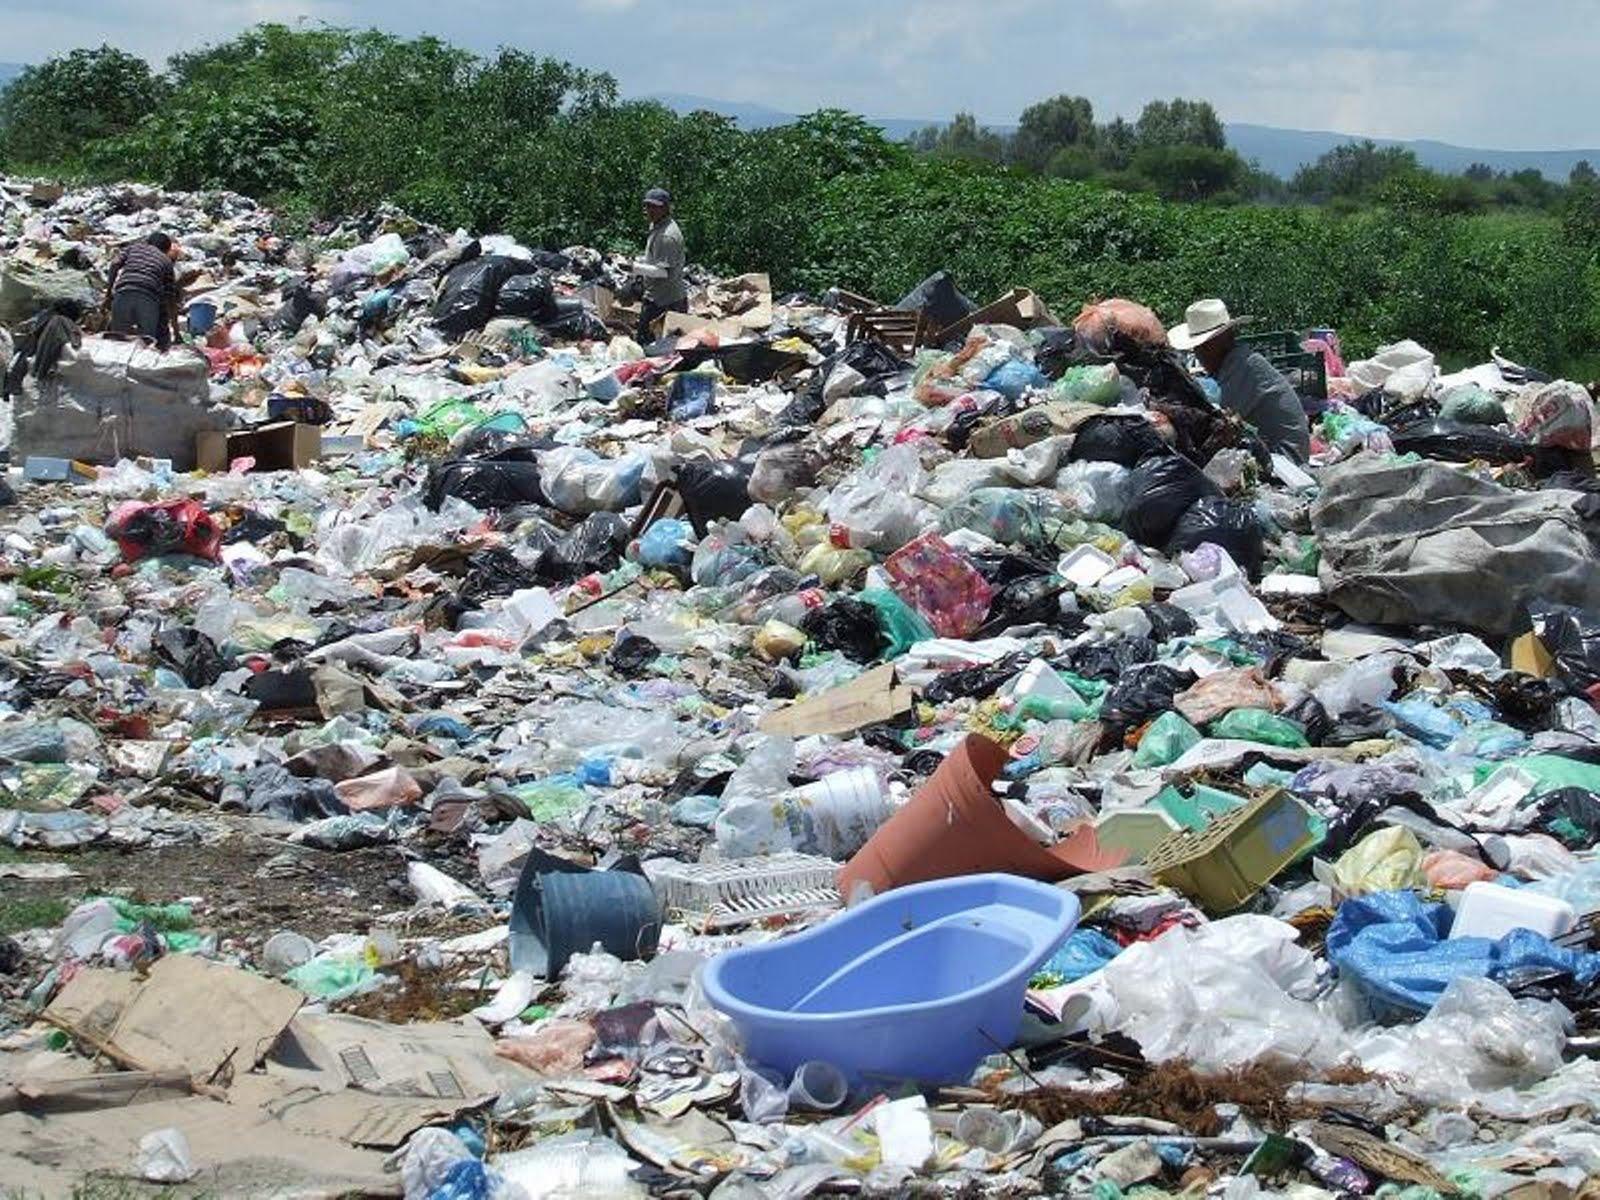 and basura Basura la basura es todo material considerado como residuo o desecho y que se necesita eliminar es producto de las actividades humanas y no necesariamente debe producir malos olores, repugnante o indeseable, pues todo dependerá de su origen.